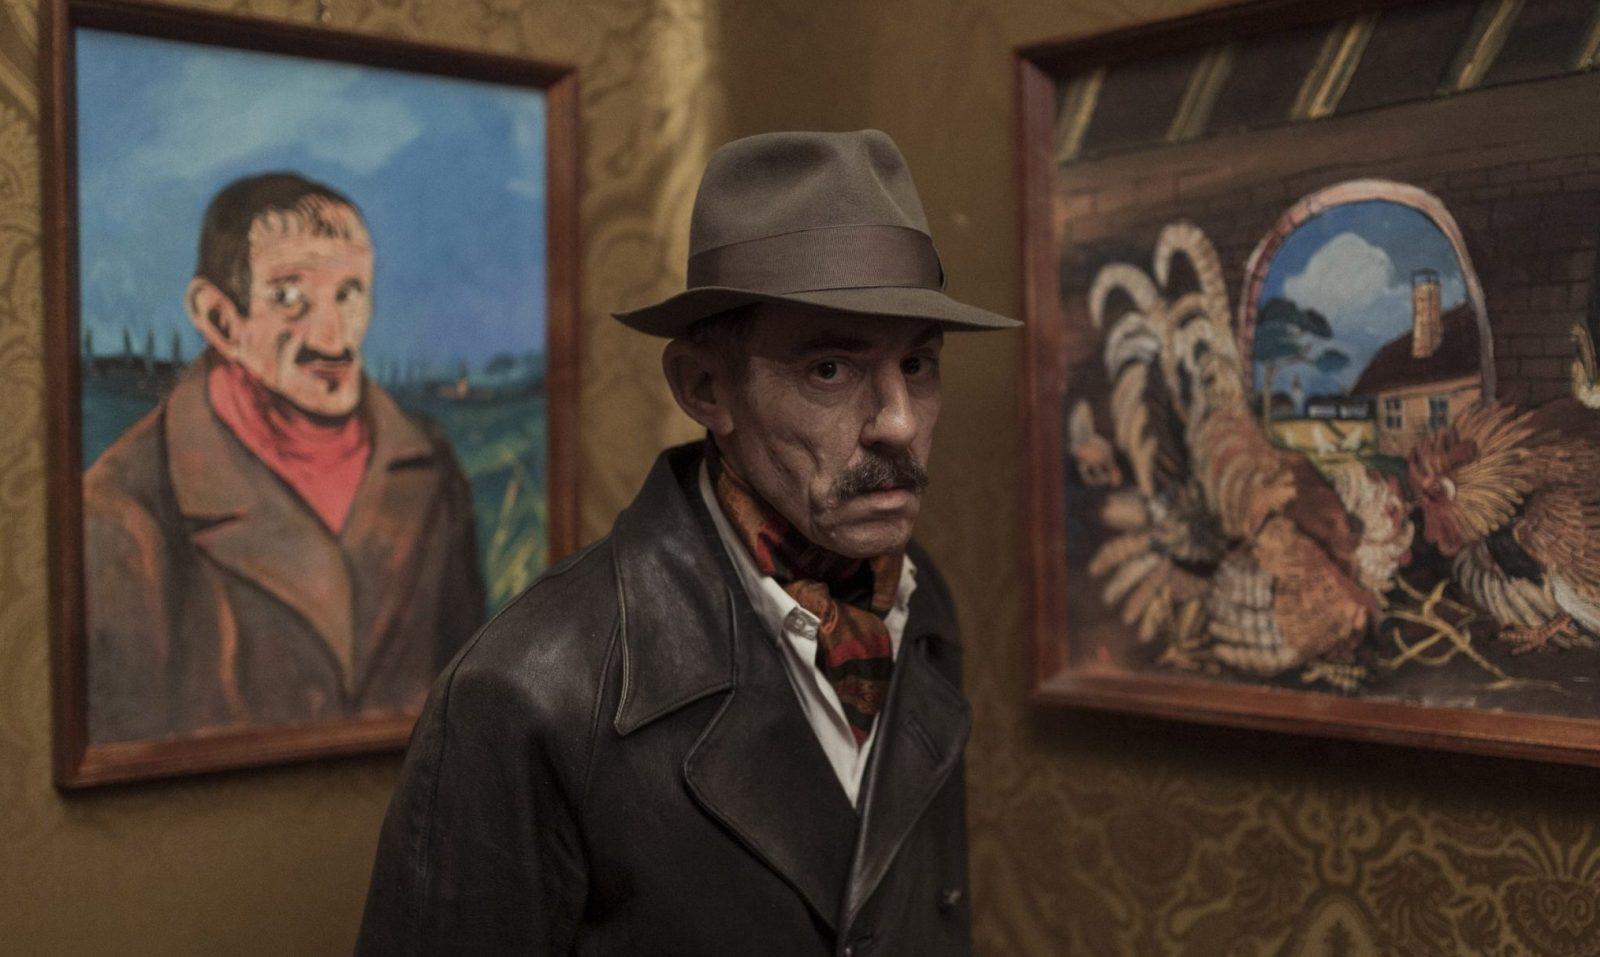 Elio Germano è il migliore attore italiano. La sua interpretazione di Ligabue lo dimostra.